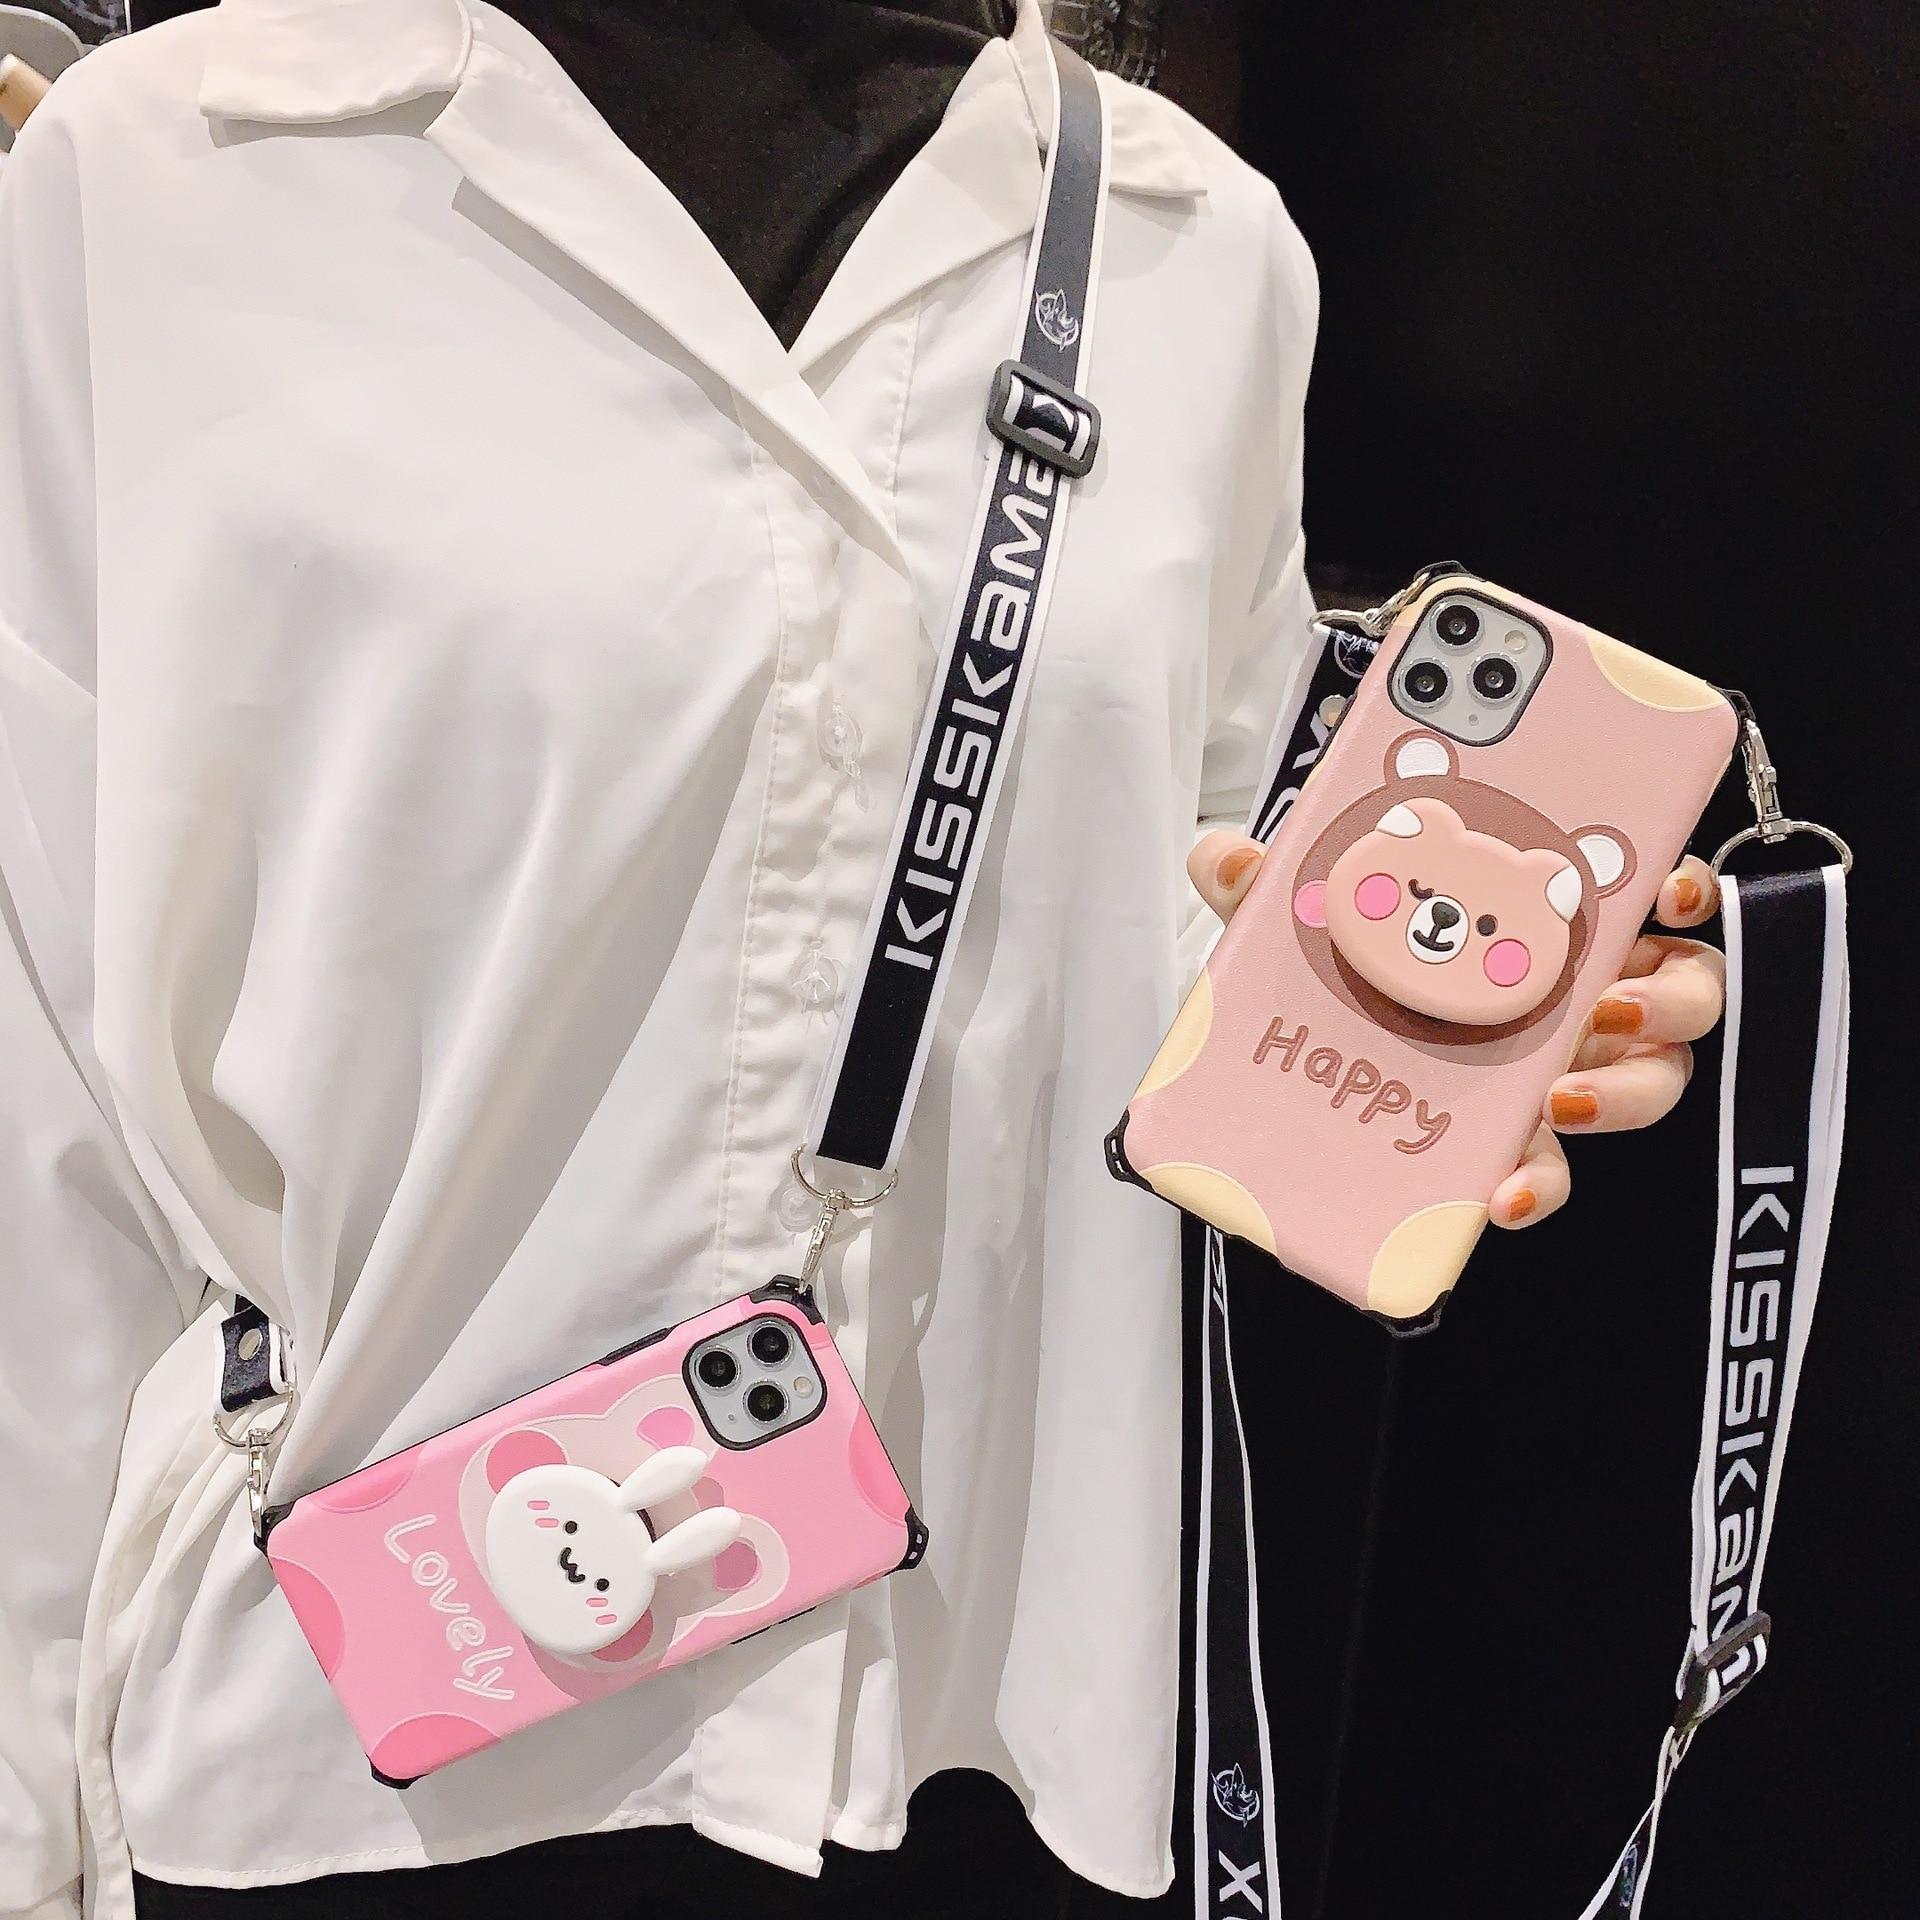 Quatro canto proteção colar caso telefone kickstand crossbody acessórios móveis para iphone 6 7 8 x xr 11